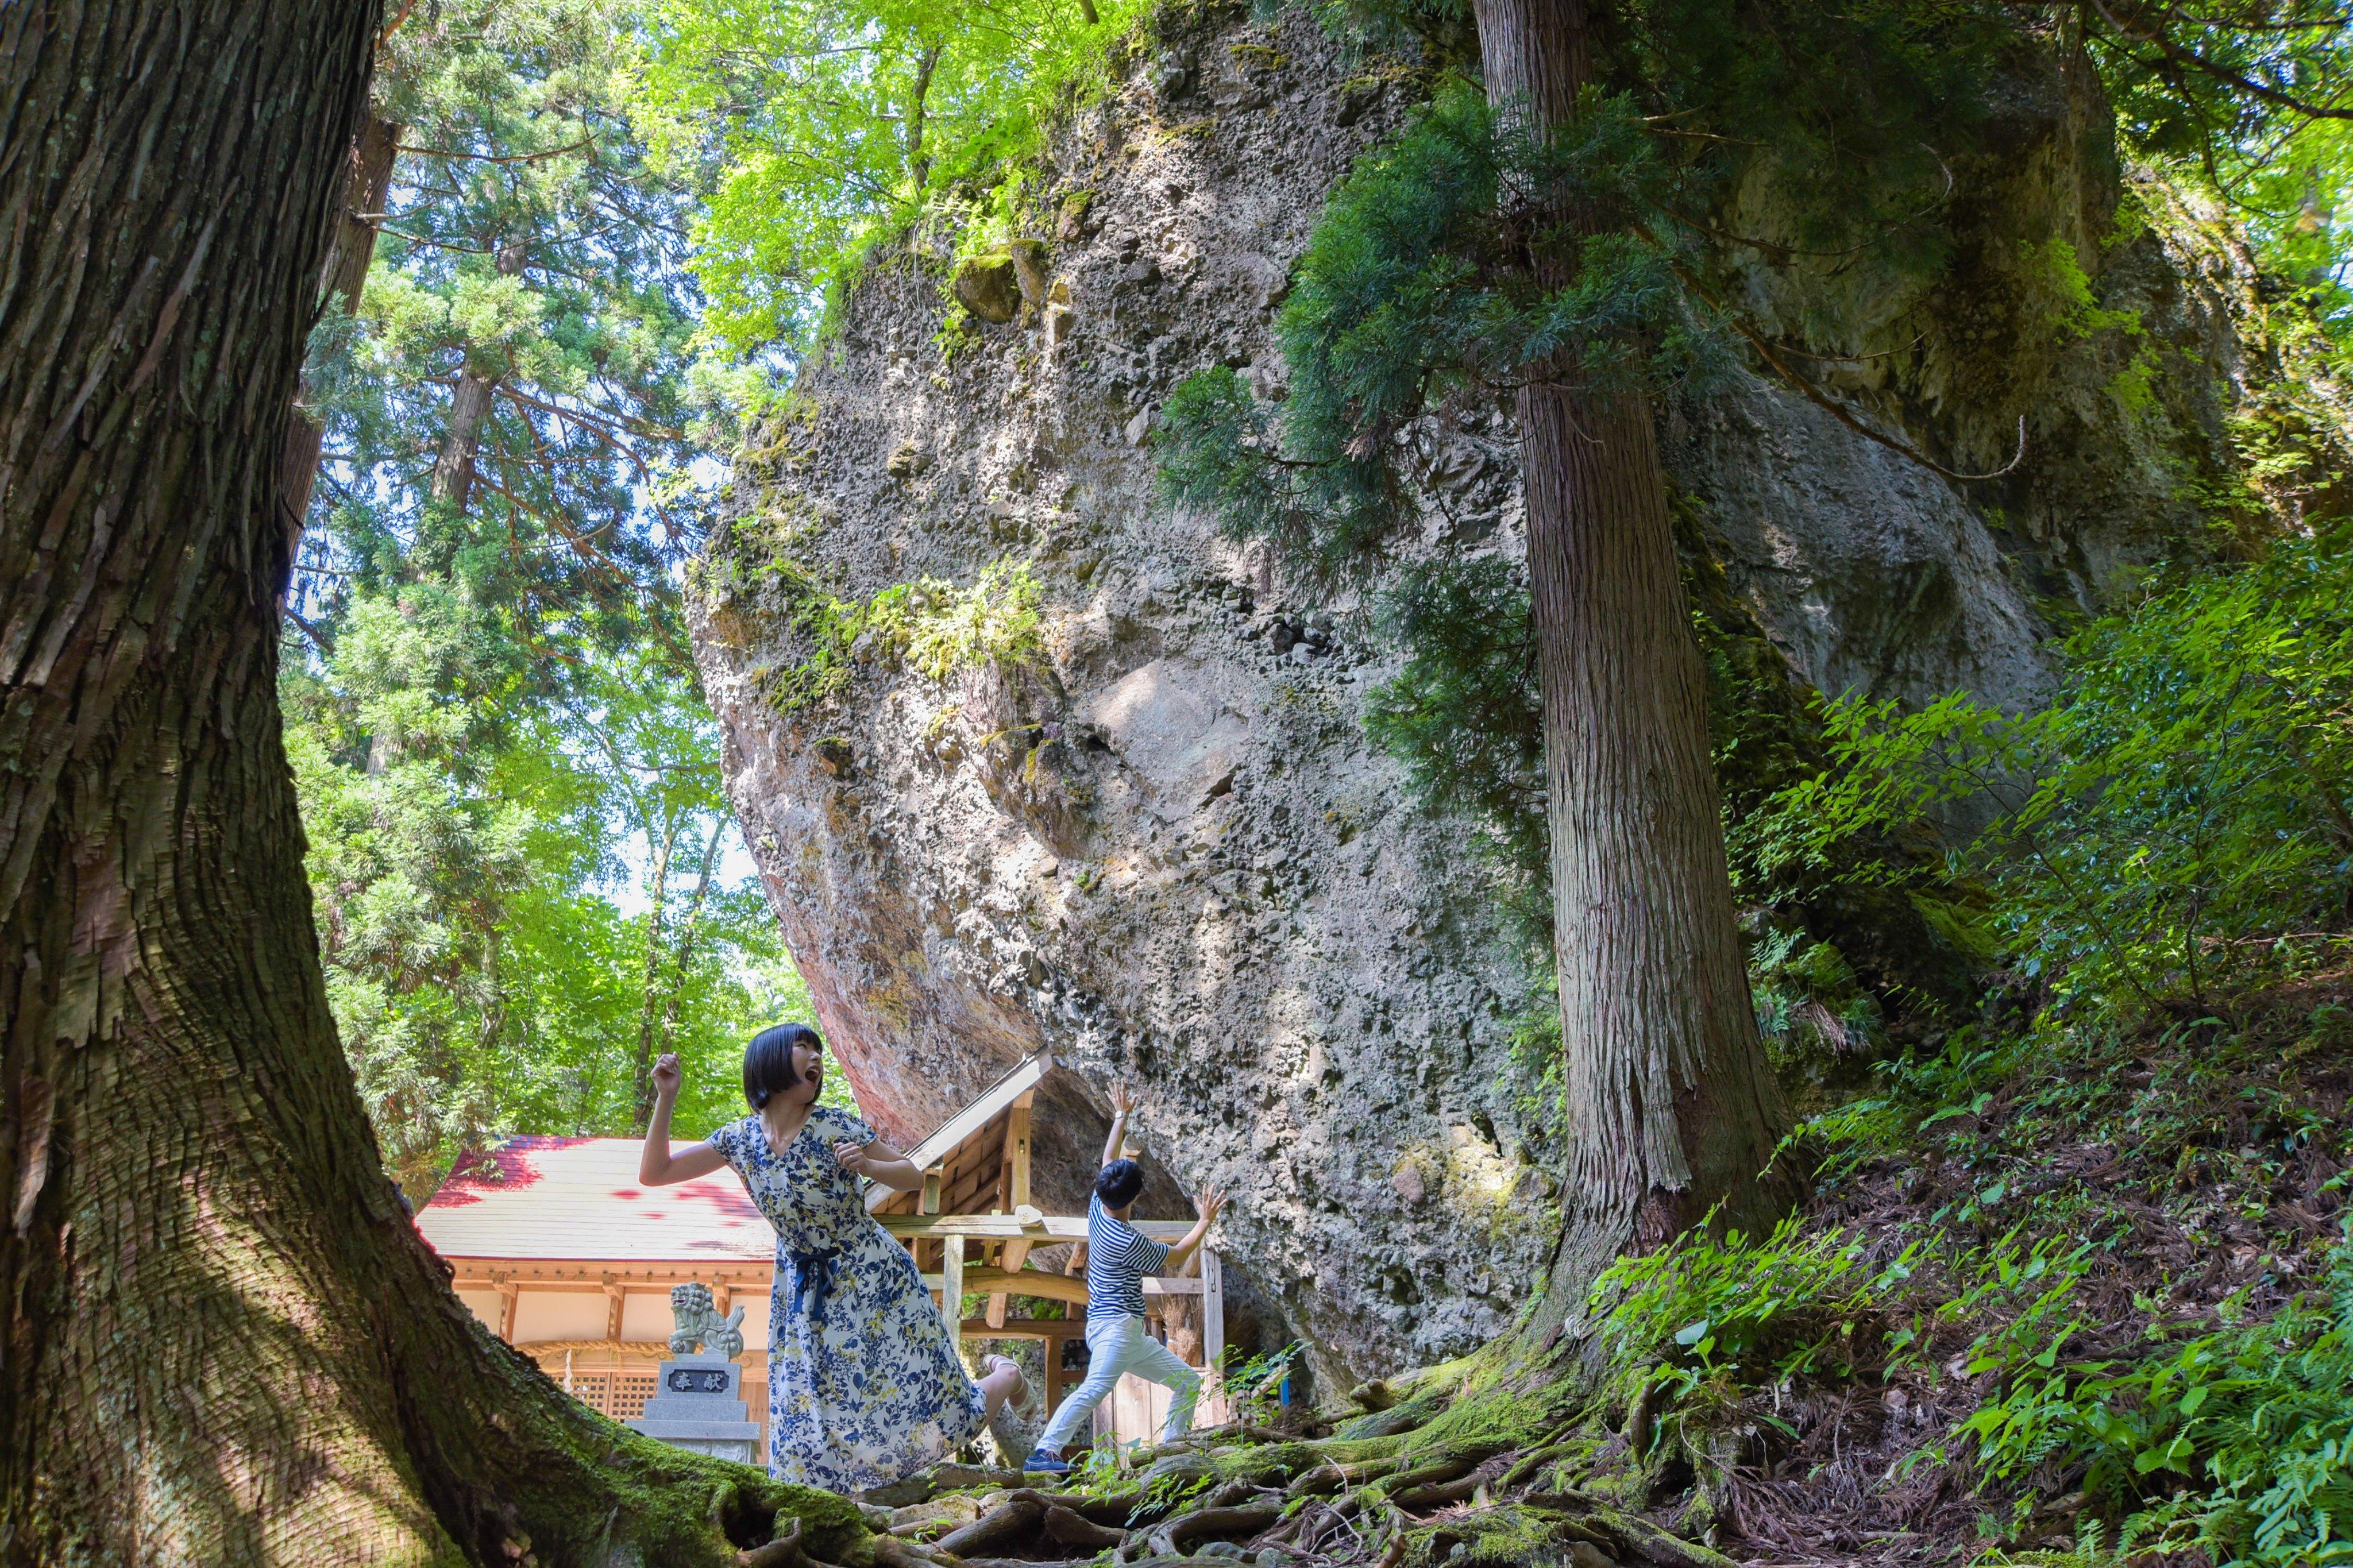 迫り来る大岩から逃げろ!面白い写真が撮れるパワースポット「大矢谷白山神社」【勝山市】